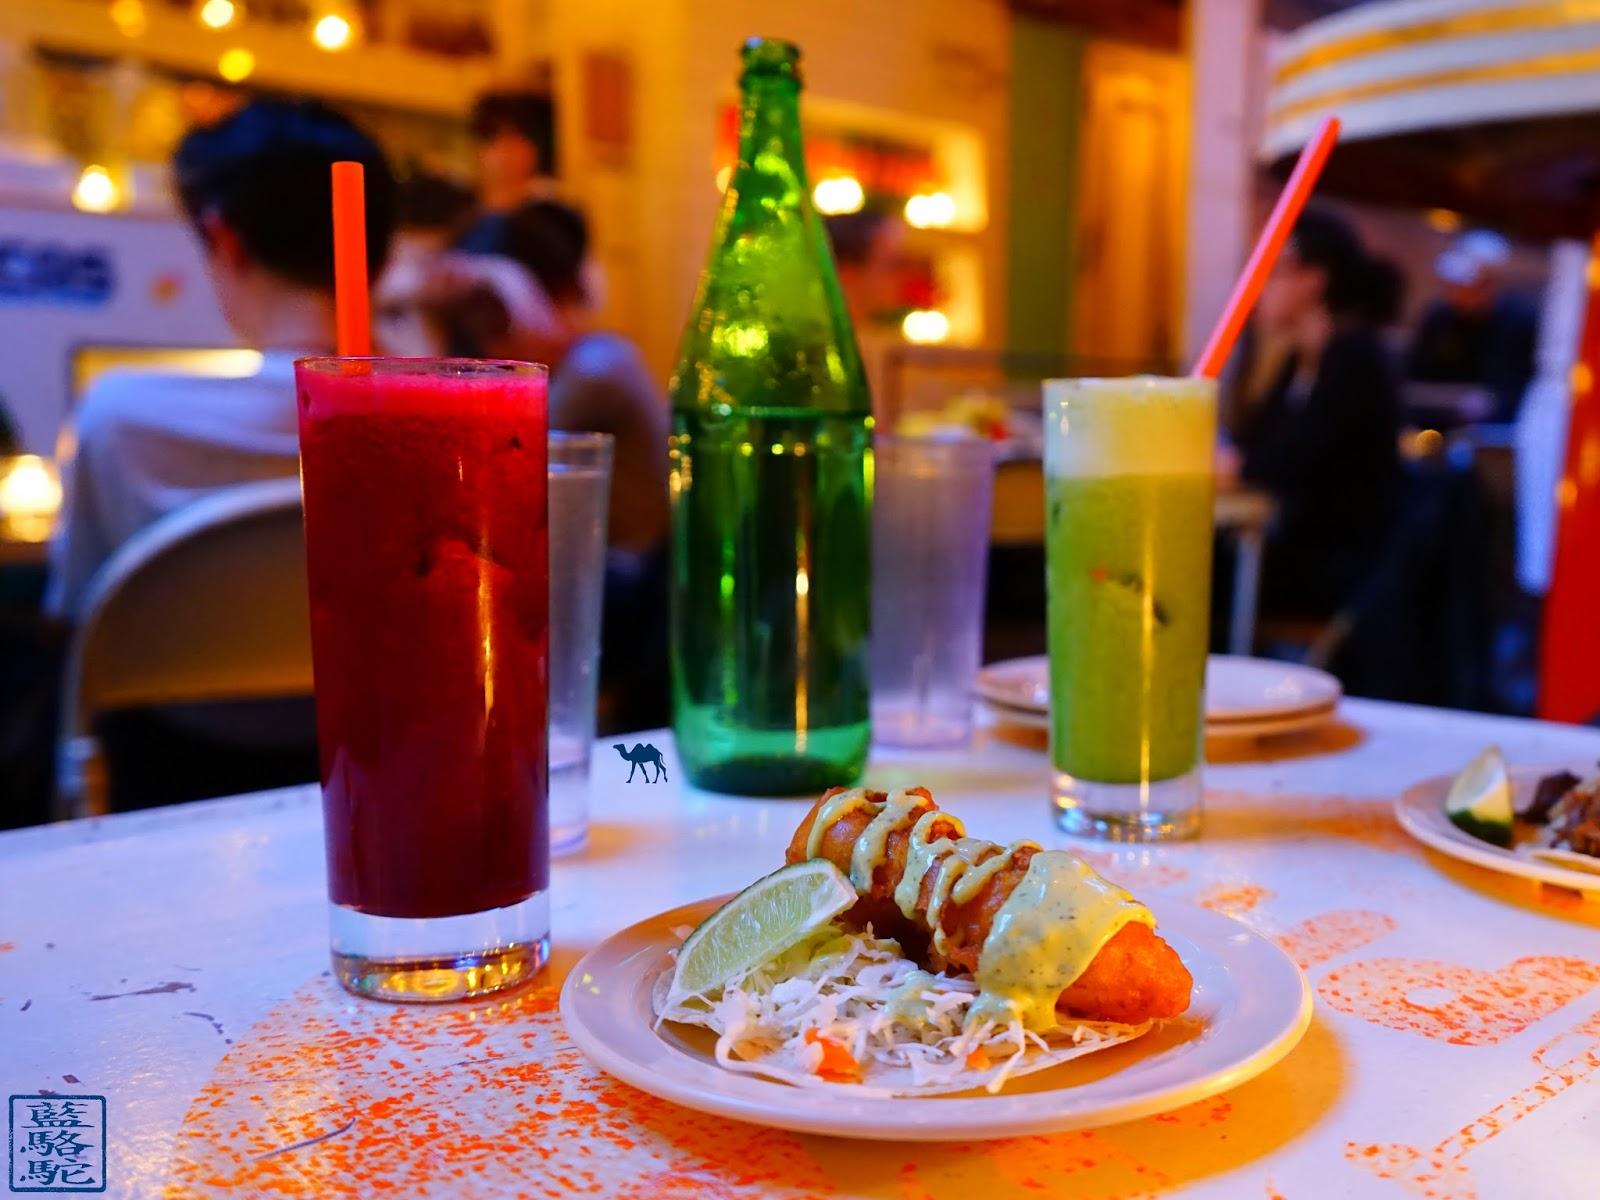 Le Chameau Bleu - Tacombi - Cocktails Restaurant de Tacos à New York USA